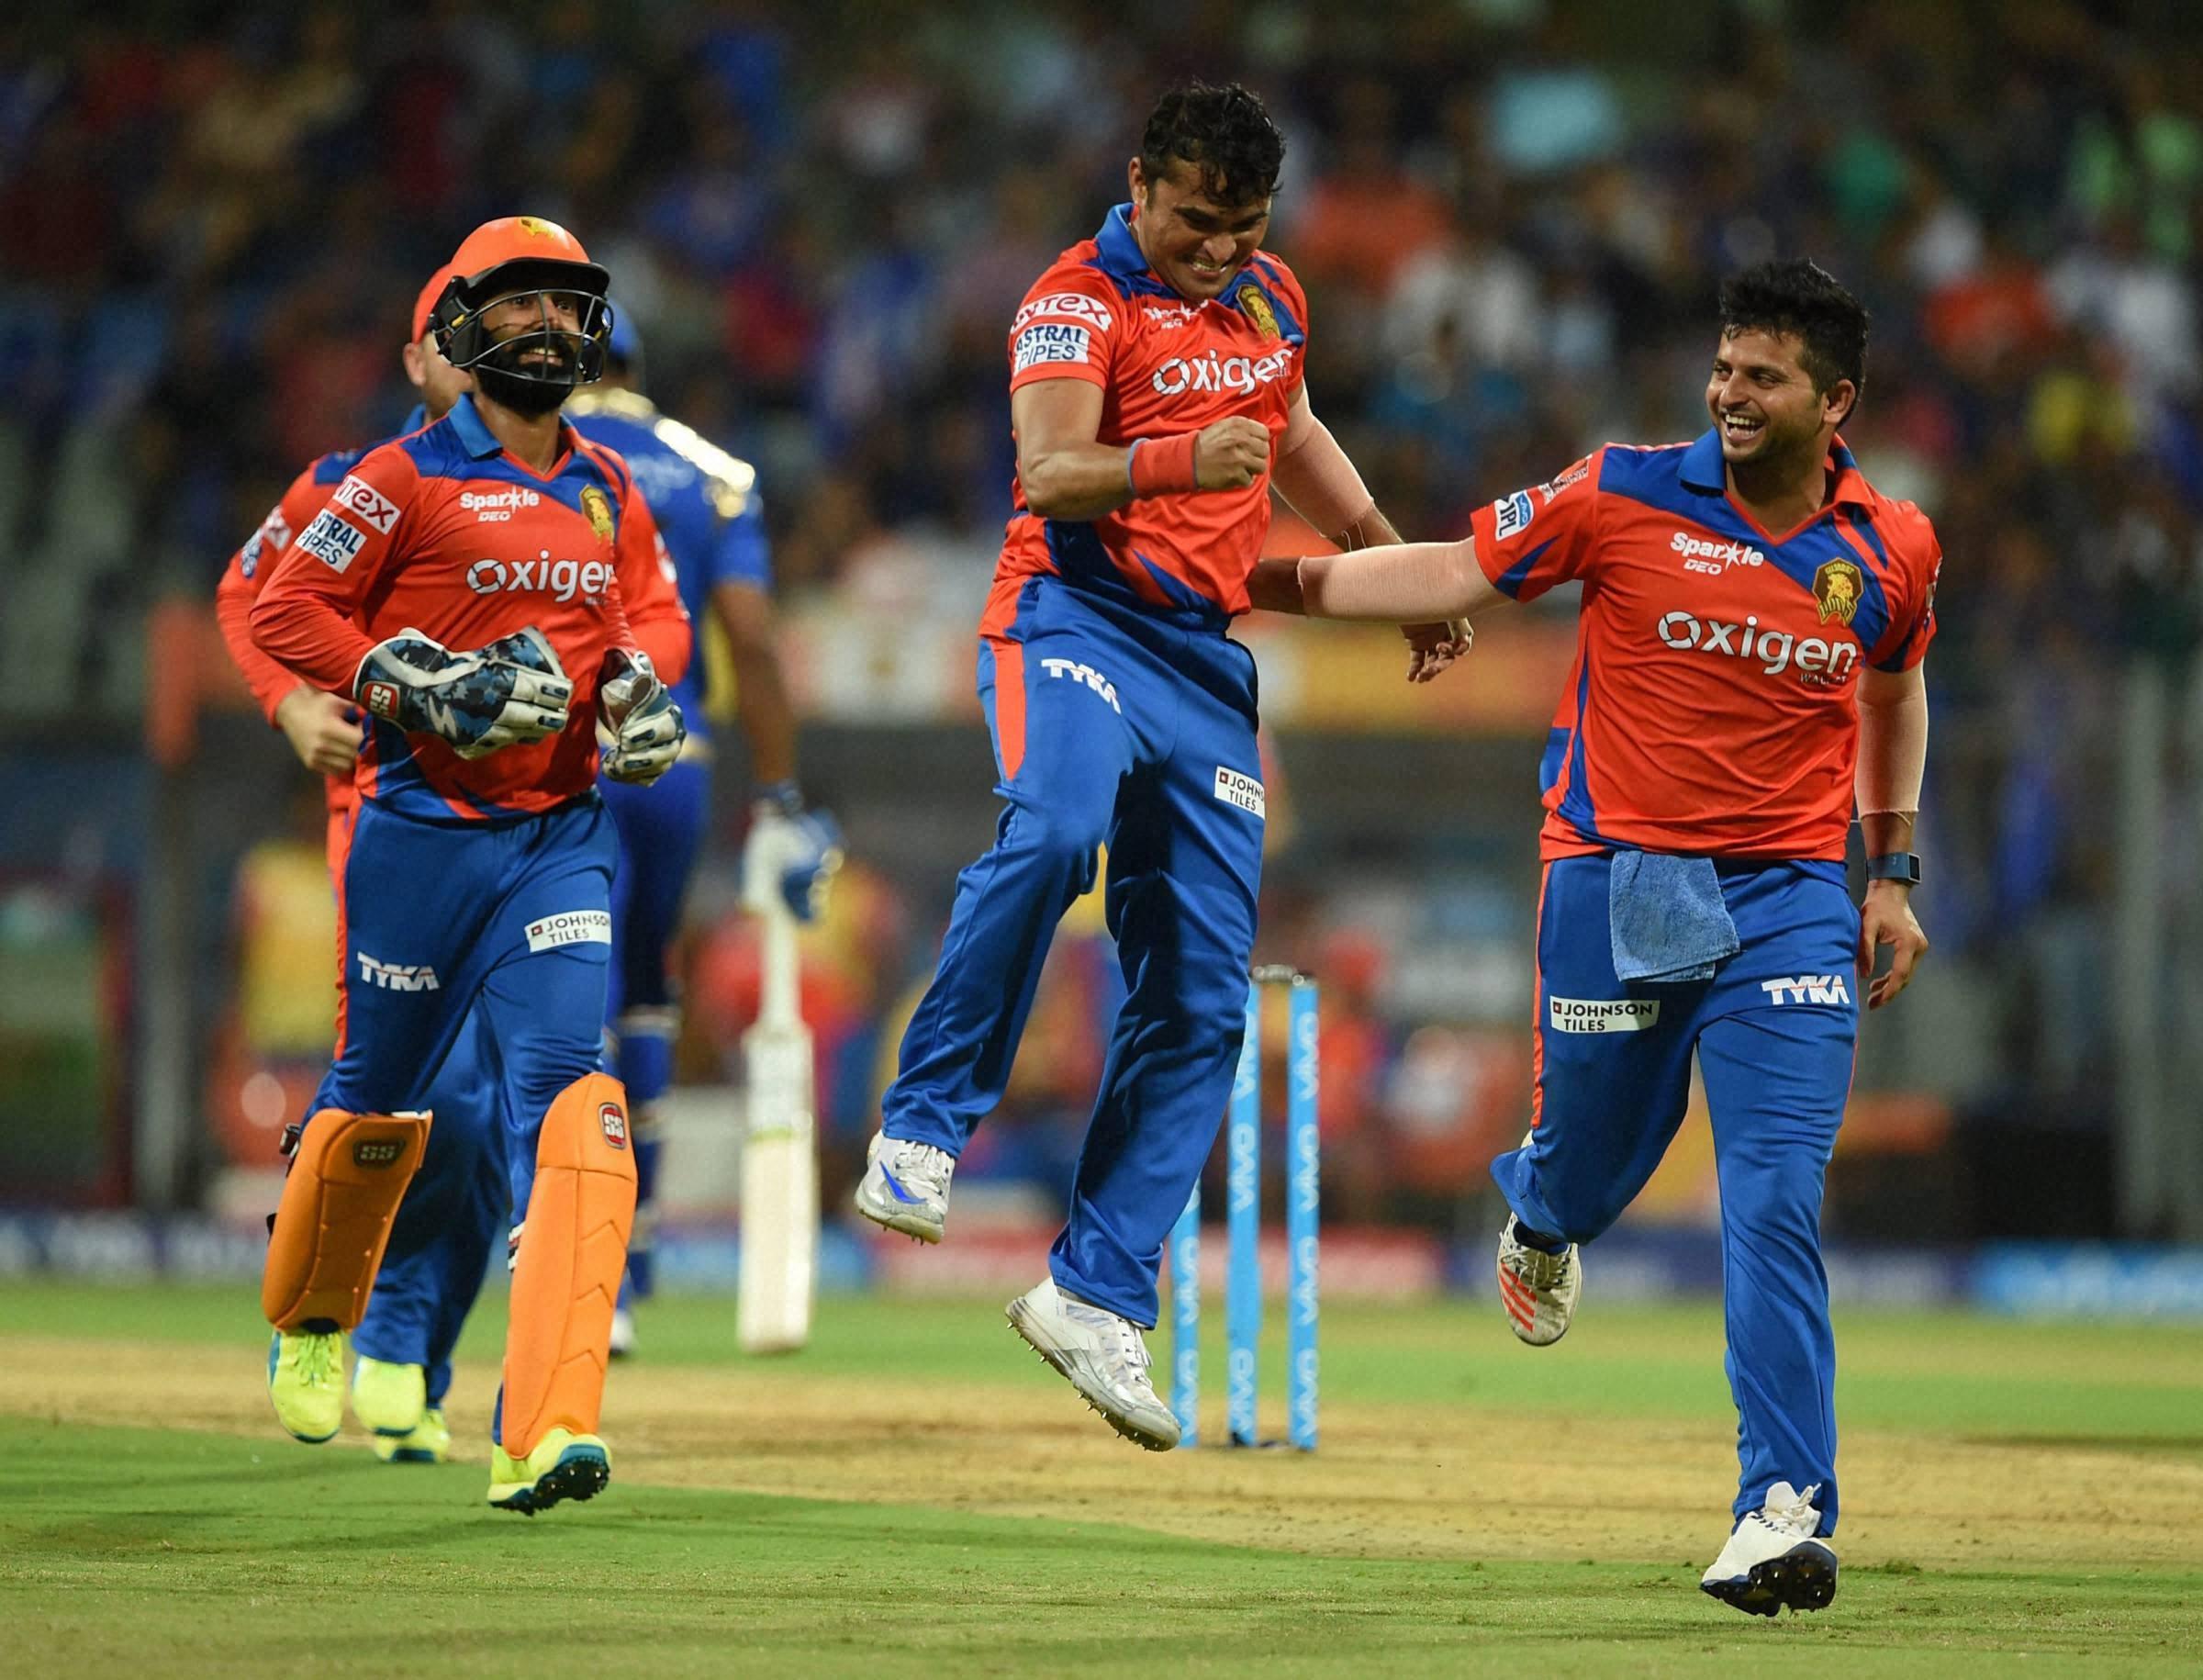 46 साल के प्रवीण तांबे ने कहा क्रिकेट खेलने के लिए उम्र मायने नहीं रखता, सिर्फ प्रदर्शन बोलता है 1